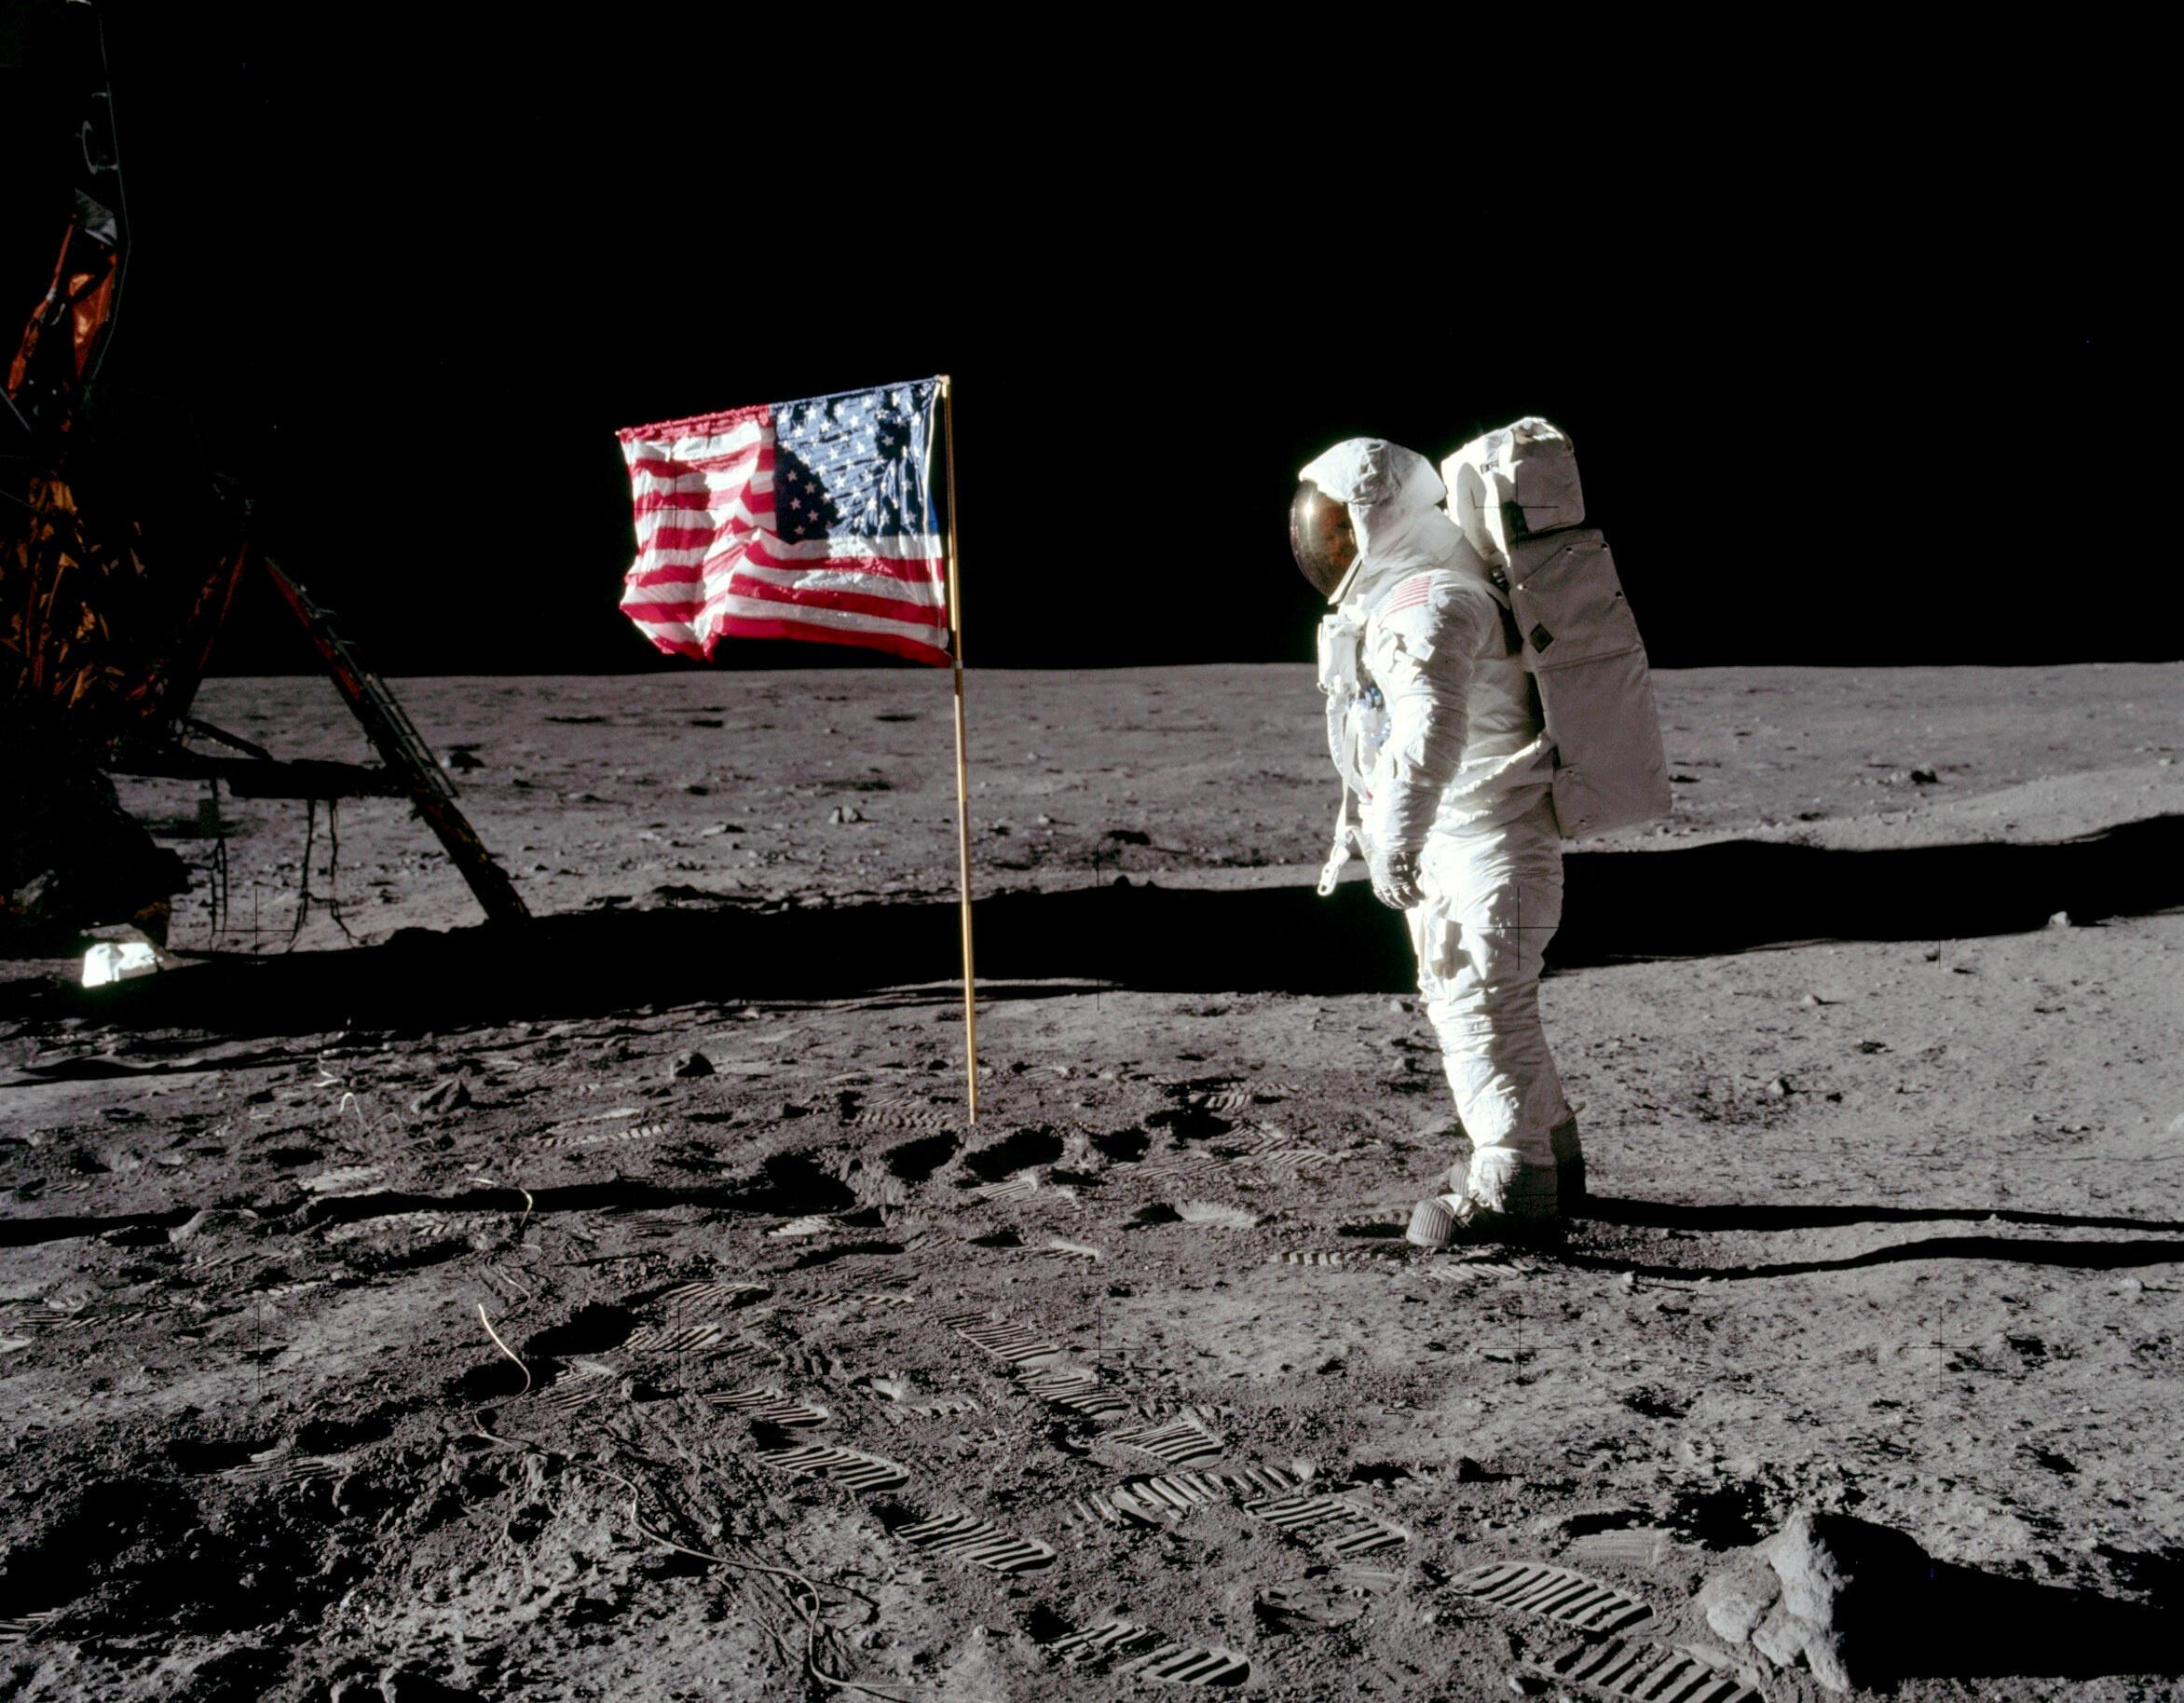 L'astronaute Buzz Aldrin, pilote du module lunaire pour Apollo 11, pose devant le drapeau américain.